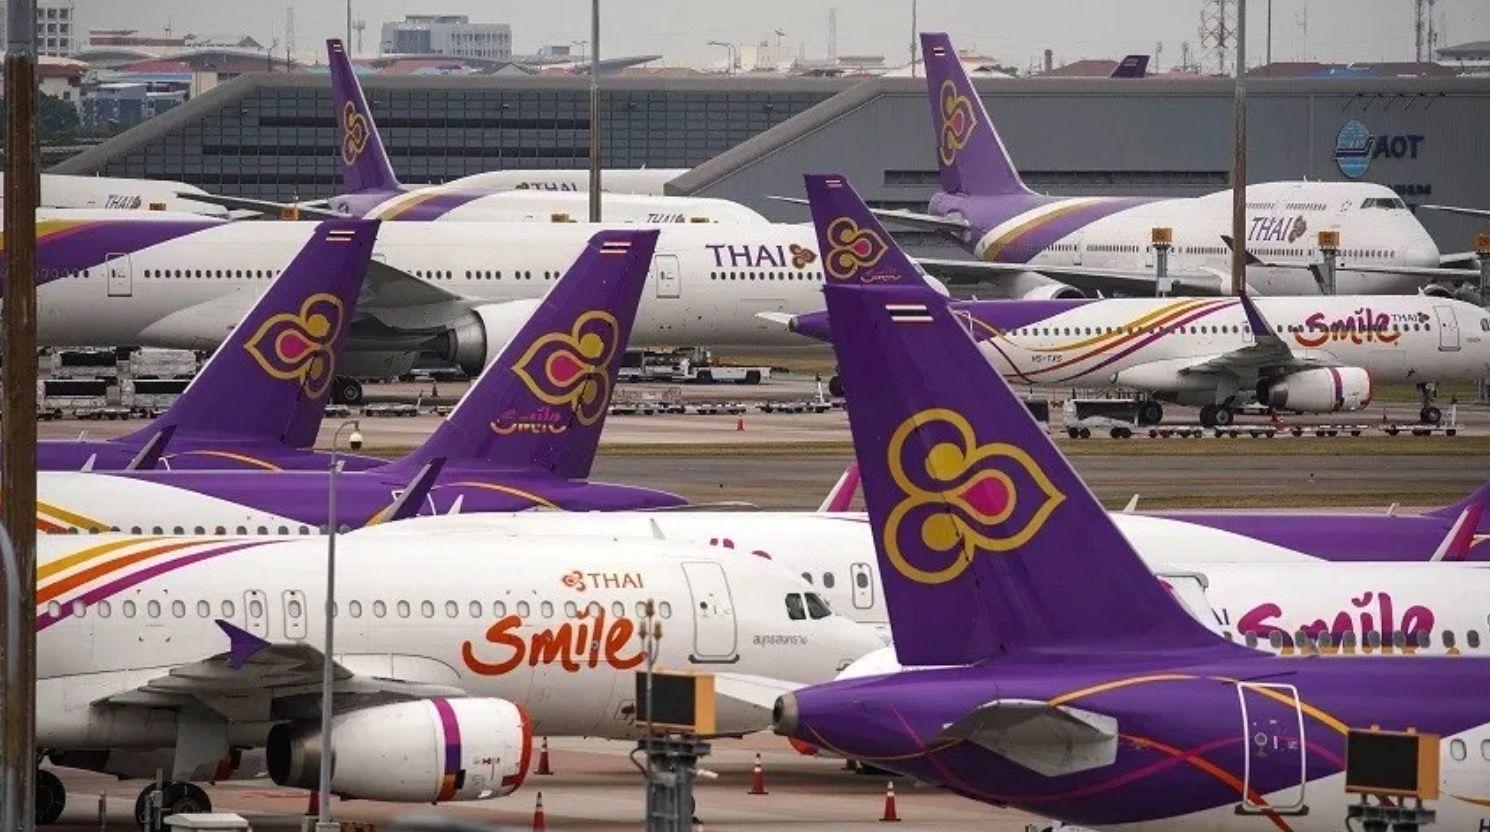 Thai Airways: Số phận hẩm hiu trước dịch Covid-19 hay đã 'lụi tàn' từ trước? - Ảnh 5.